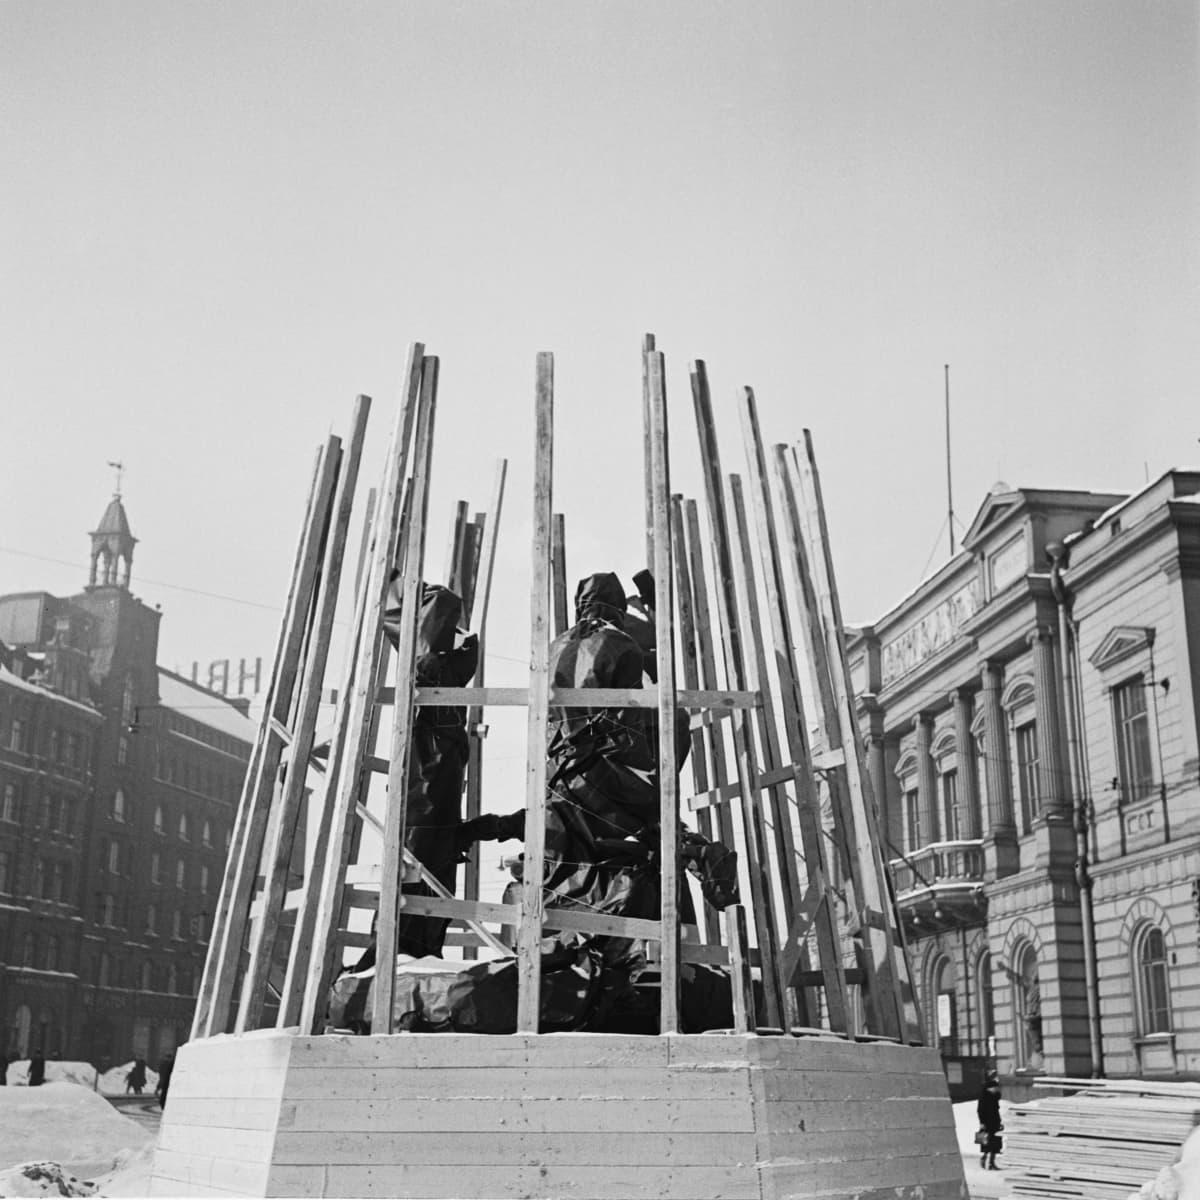 Julkisia taideteoksia haluttiin pelastaa sodan jaloista ja evakuoida turvaan pommituksilta. Kolmen sepän patsas Helsingin keskustasta pakattiin ja haudattiin Tikkurilassa soranottokuoppaan. Patsas palasi paikoilleen vuotta myöhemmin.